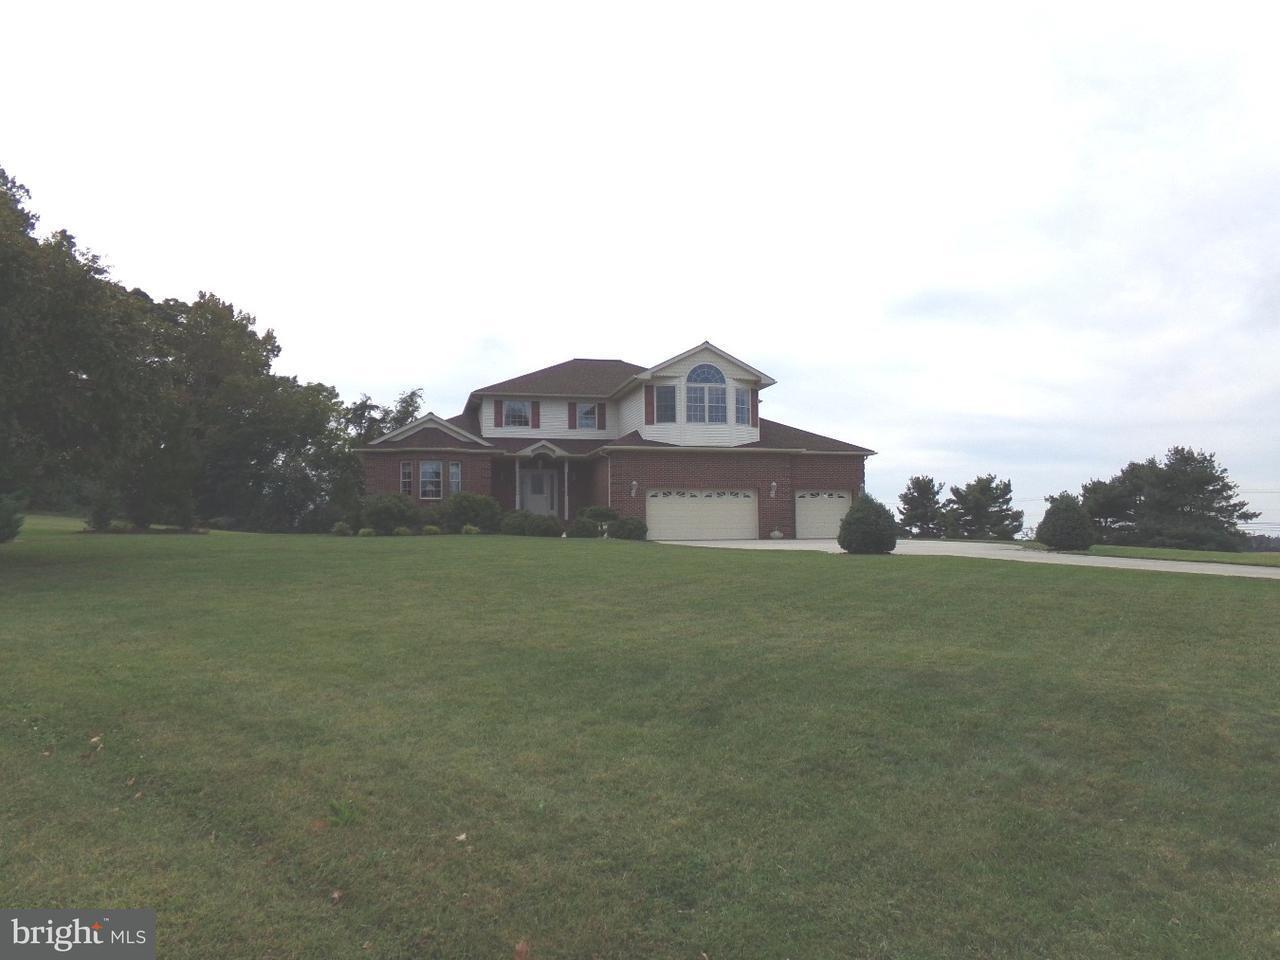 Частный односемейный дом для того Продажа на 7 HICKORY LN E Pilesgrove, Нью-Джерси 08098 Соединенные Штаты